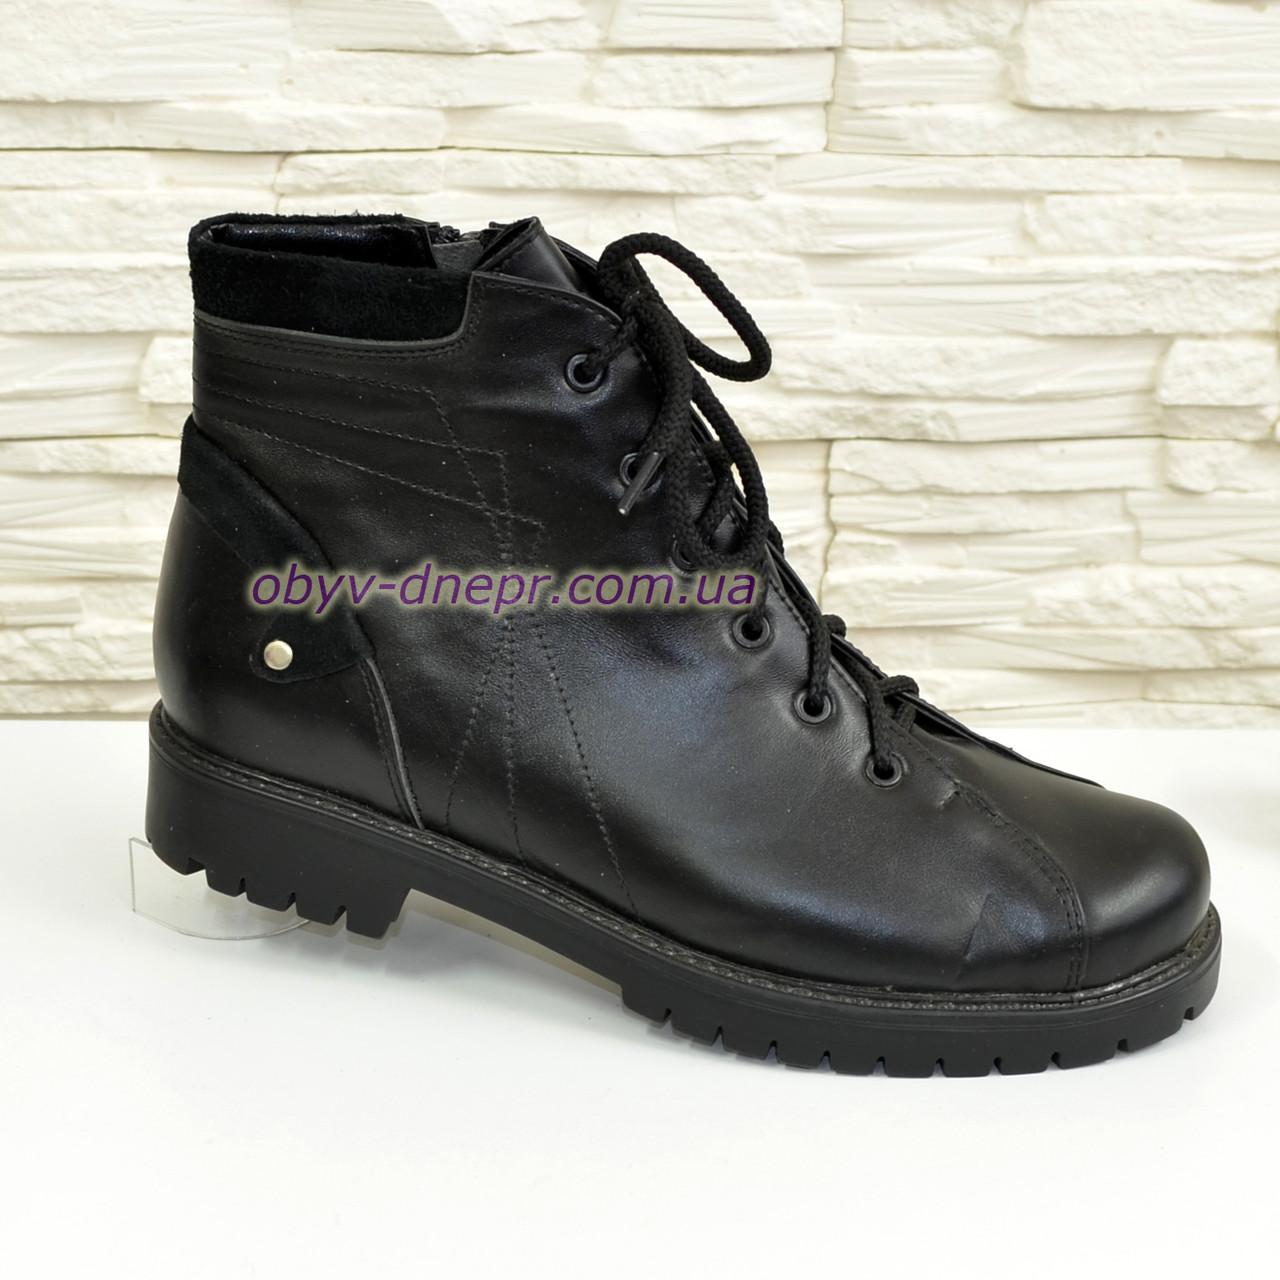 86cbb14b Ботинки женские зимние кожаные на шнуровке, цвет черный.: продажа ...